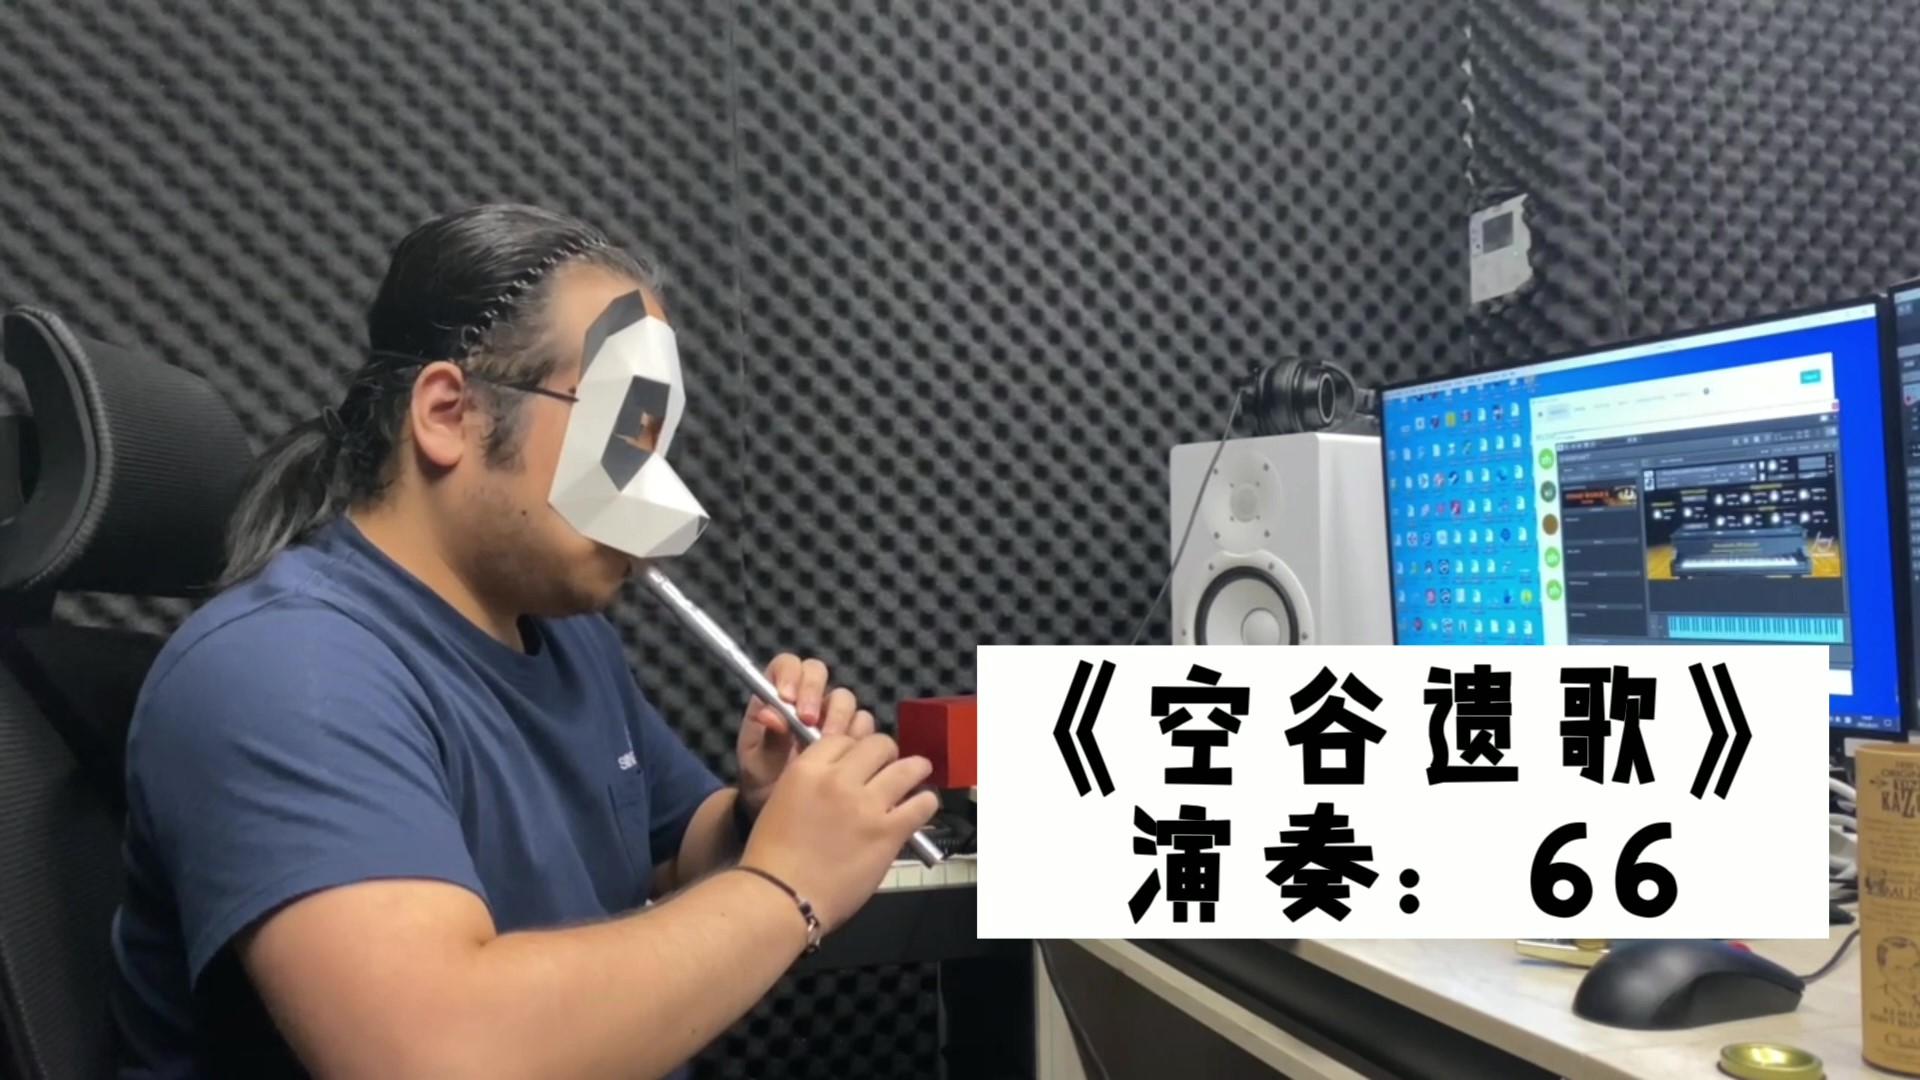 【咕咕日记5】声音工具人的头发还好么?